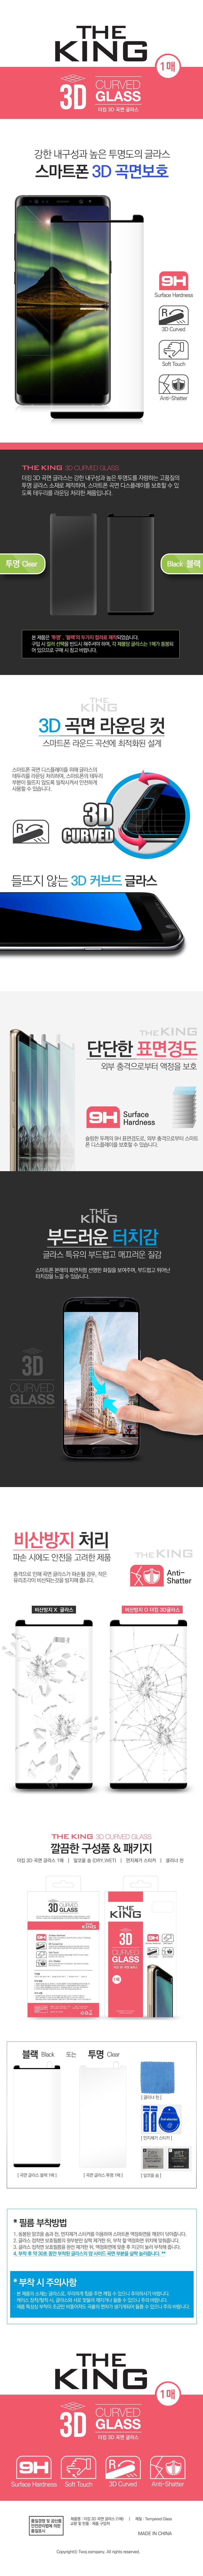 스마트폰 3D 곡면보호 더킹 3D 곡면 글라스는 강한 내구성과 높은 투명도를 자랑하는 고품질의 투명 글라스 소재로 제작하여, 스마트폰 곡면 디스플레이를 보호할 수 있도록 테두리를 라운딩 처리한 제품입니다. 3D 곡면 라운딩 컷 스마트폰 라운드 곡선에 최적화된 설계 들뜨지 않는 3D커브드 글라스 단단한 표면경도 외부 충격으로부터 액정을 보호 부드러운 터치감 글라스 특유의 부드럽고 매끄러운 질감 비산방지 처리 파손시에도 안전을 고려한 제품